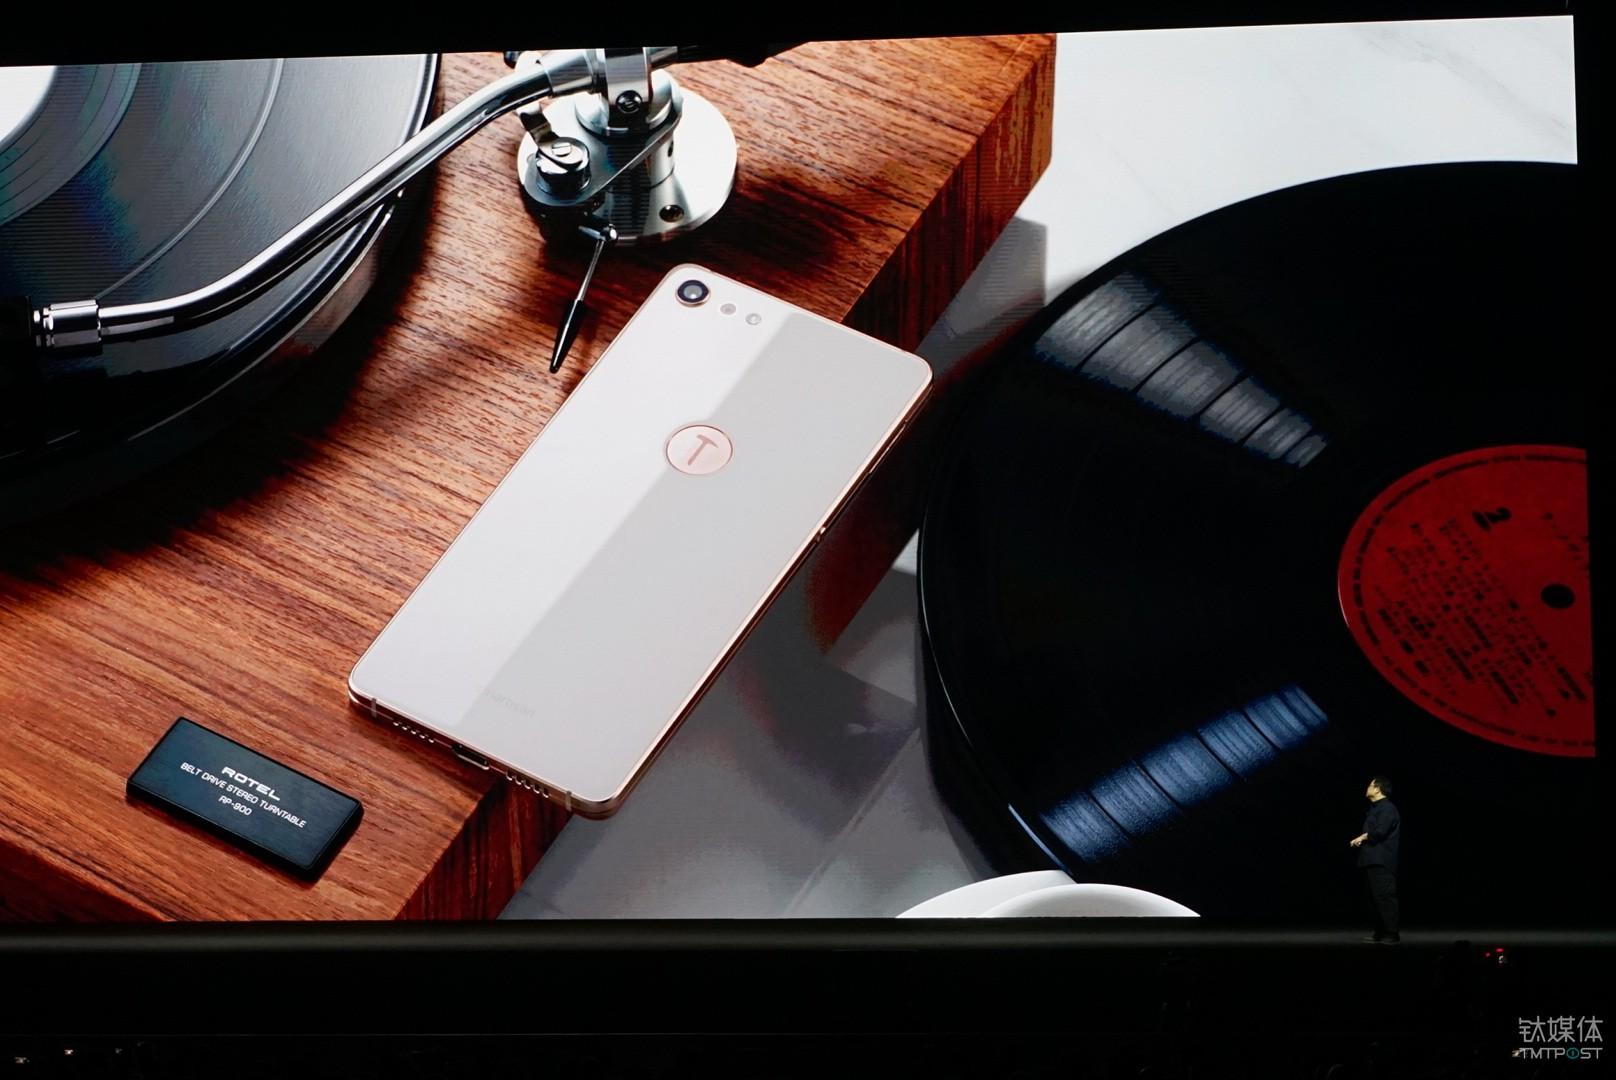 """坚果Pro 2坚持了""""少就是多""""的极简主义风格,隐藏了听筒、光线传感器、距离传感器等,全面屏正脸看上去足够简洁,正面既没有夏普美人尖AQUOS S2看似突兀的异性屏幕""""大眼睛"""",也没有iPhone X上标志性的""""额头""""设计。"""